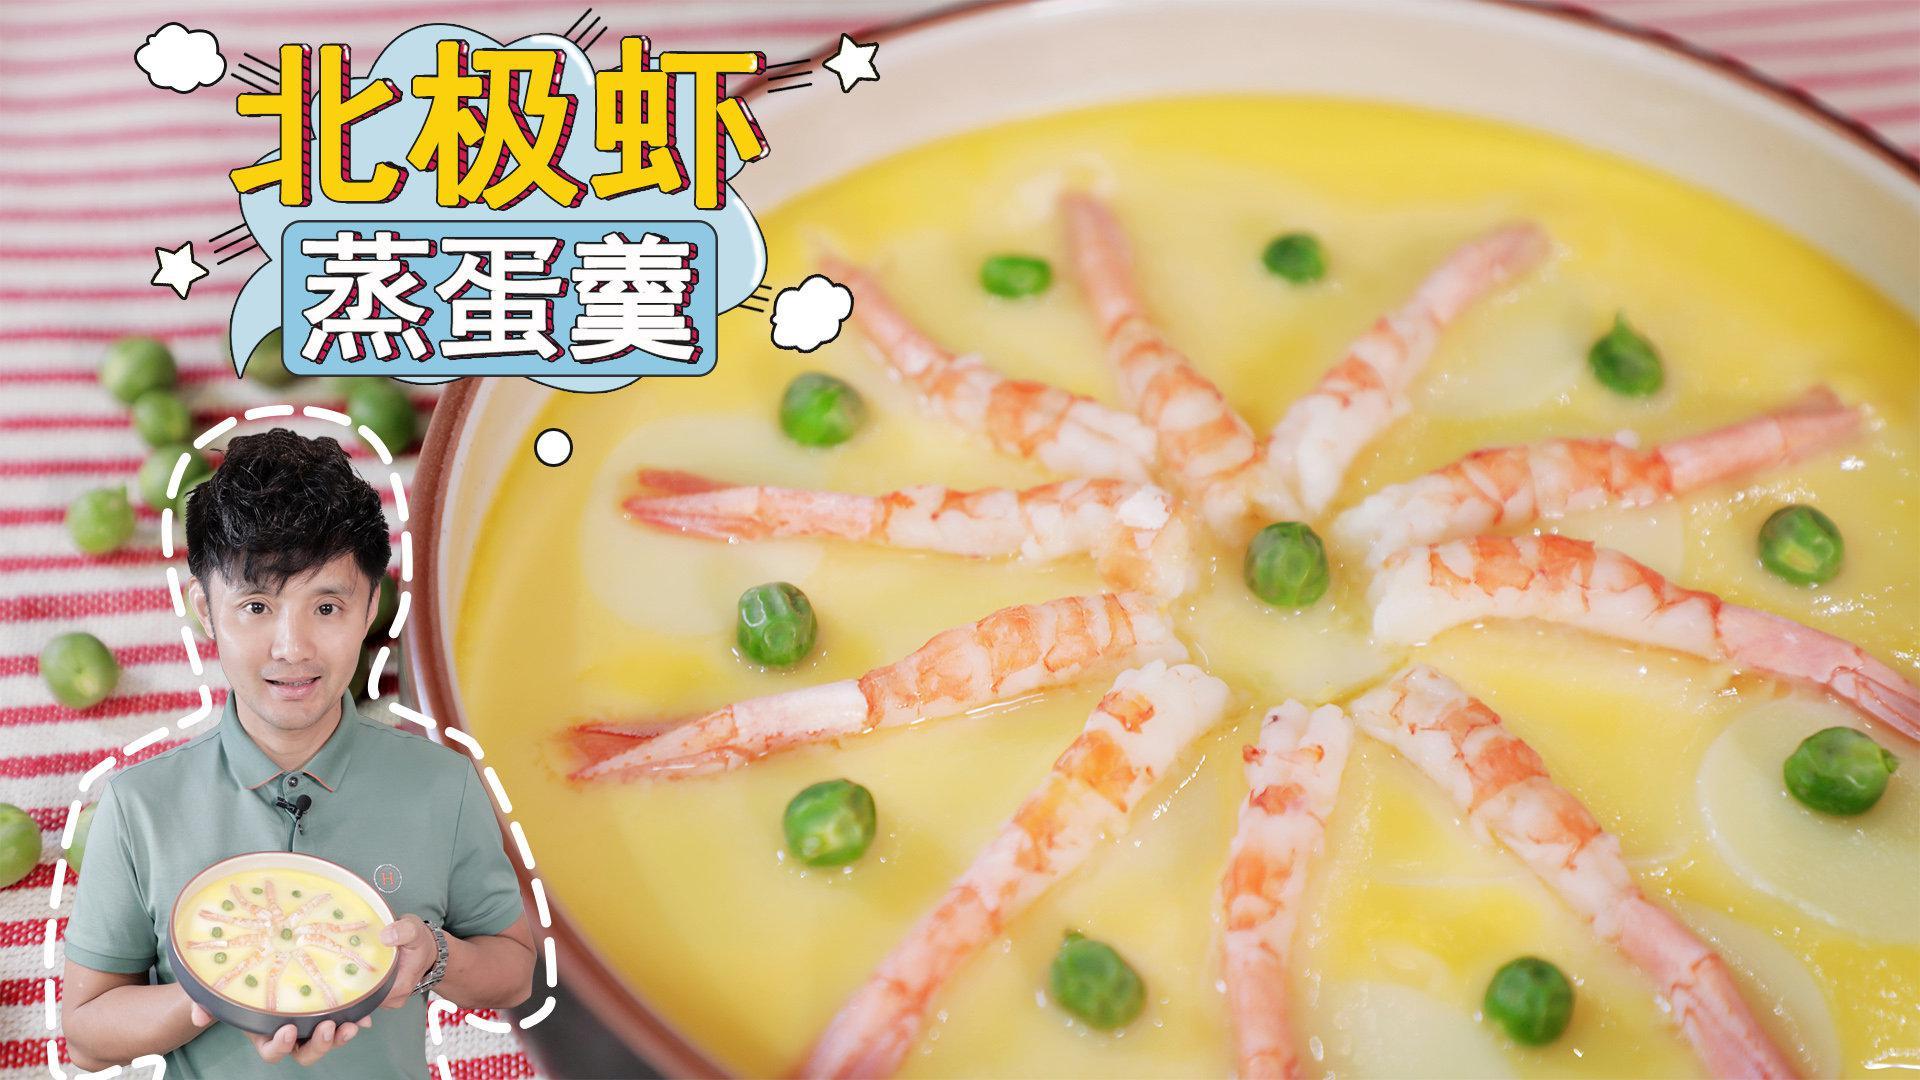 食尚小米:北极虾蒸蛋羹,鲜香爽滑的快手营养早餐!